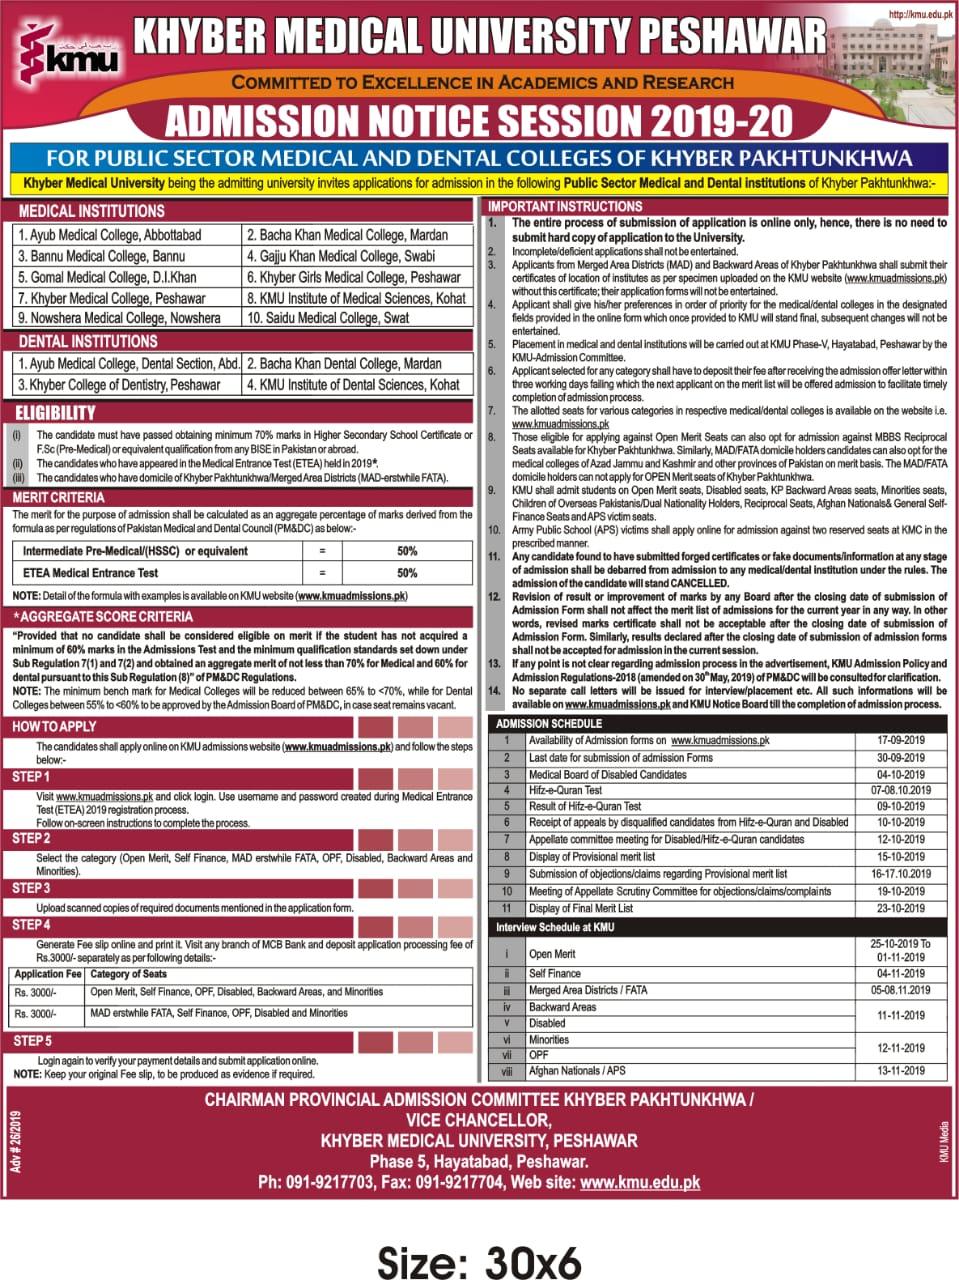 Khyber Medical College Peshawar Admission 2019 MBBS, BDS Form